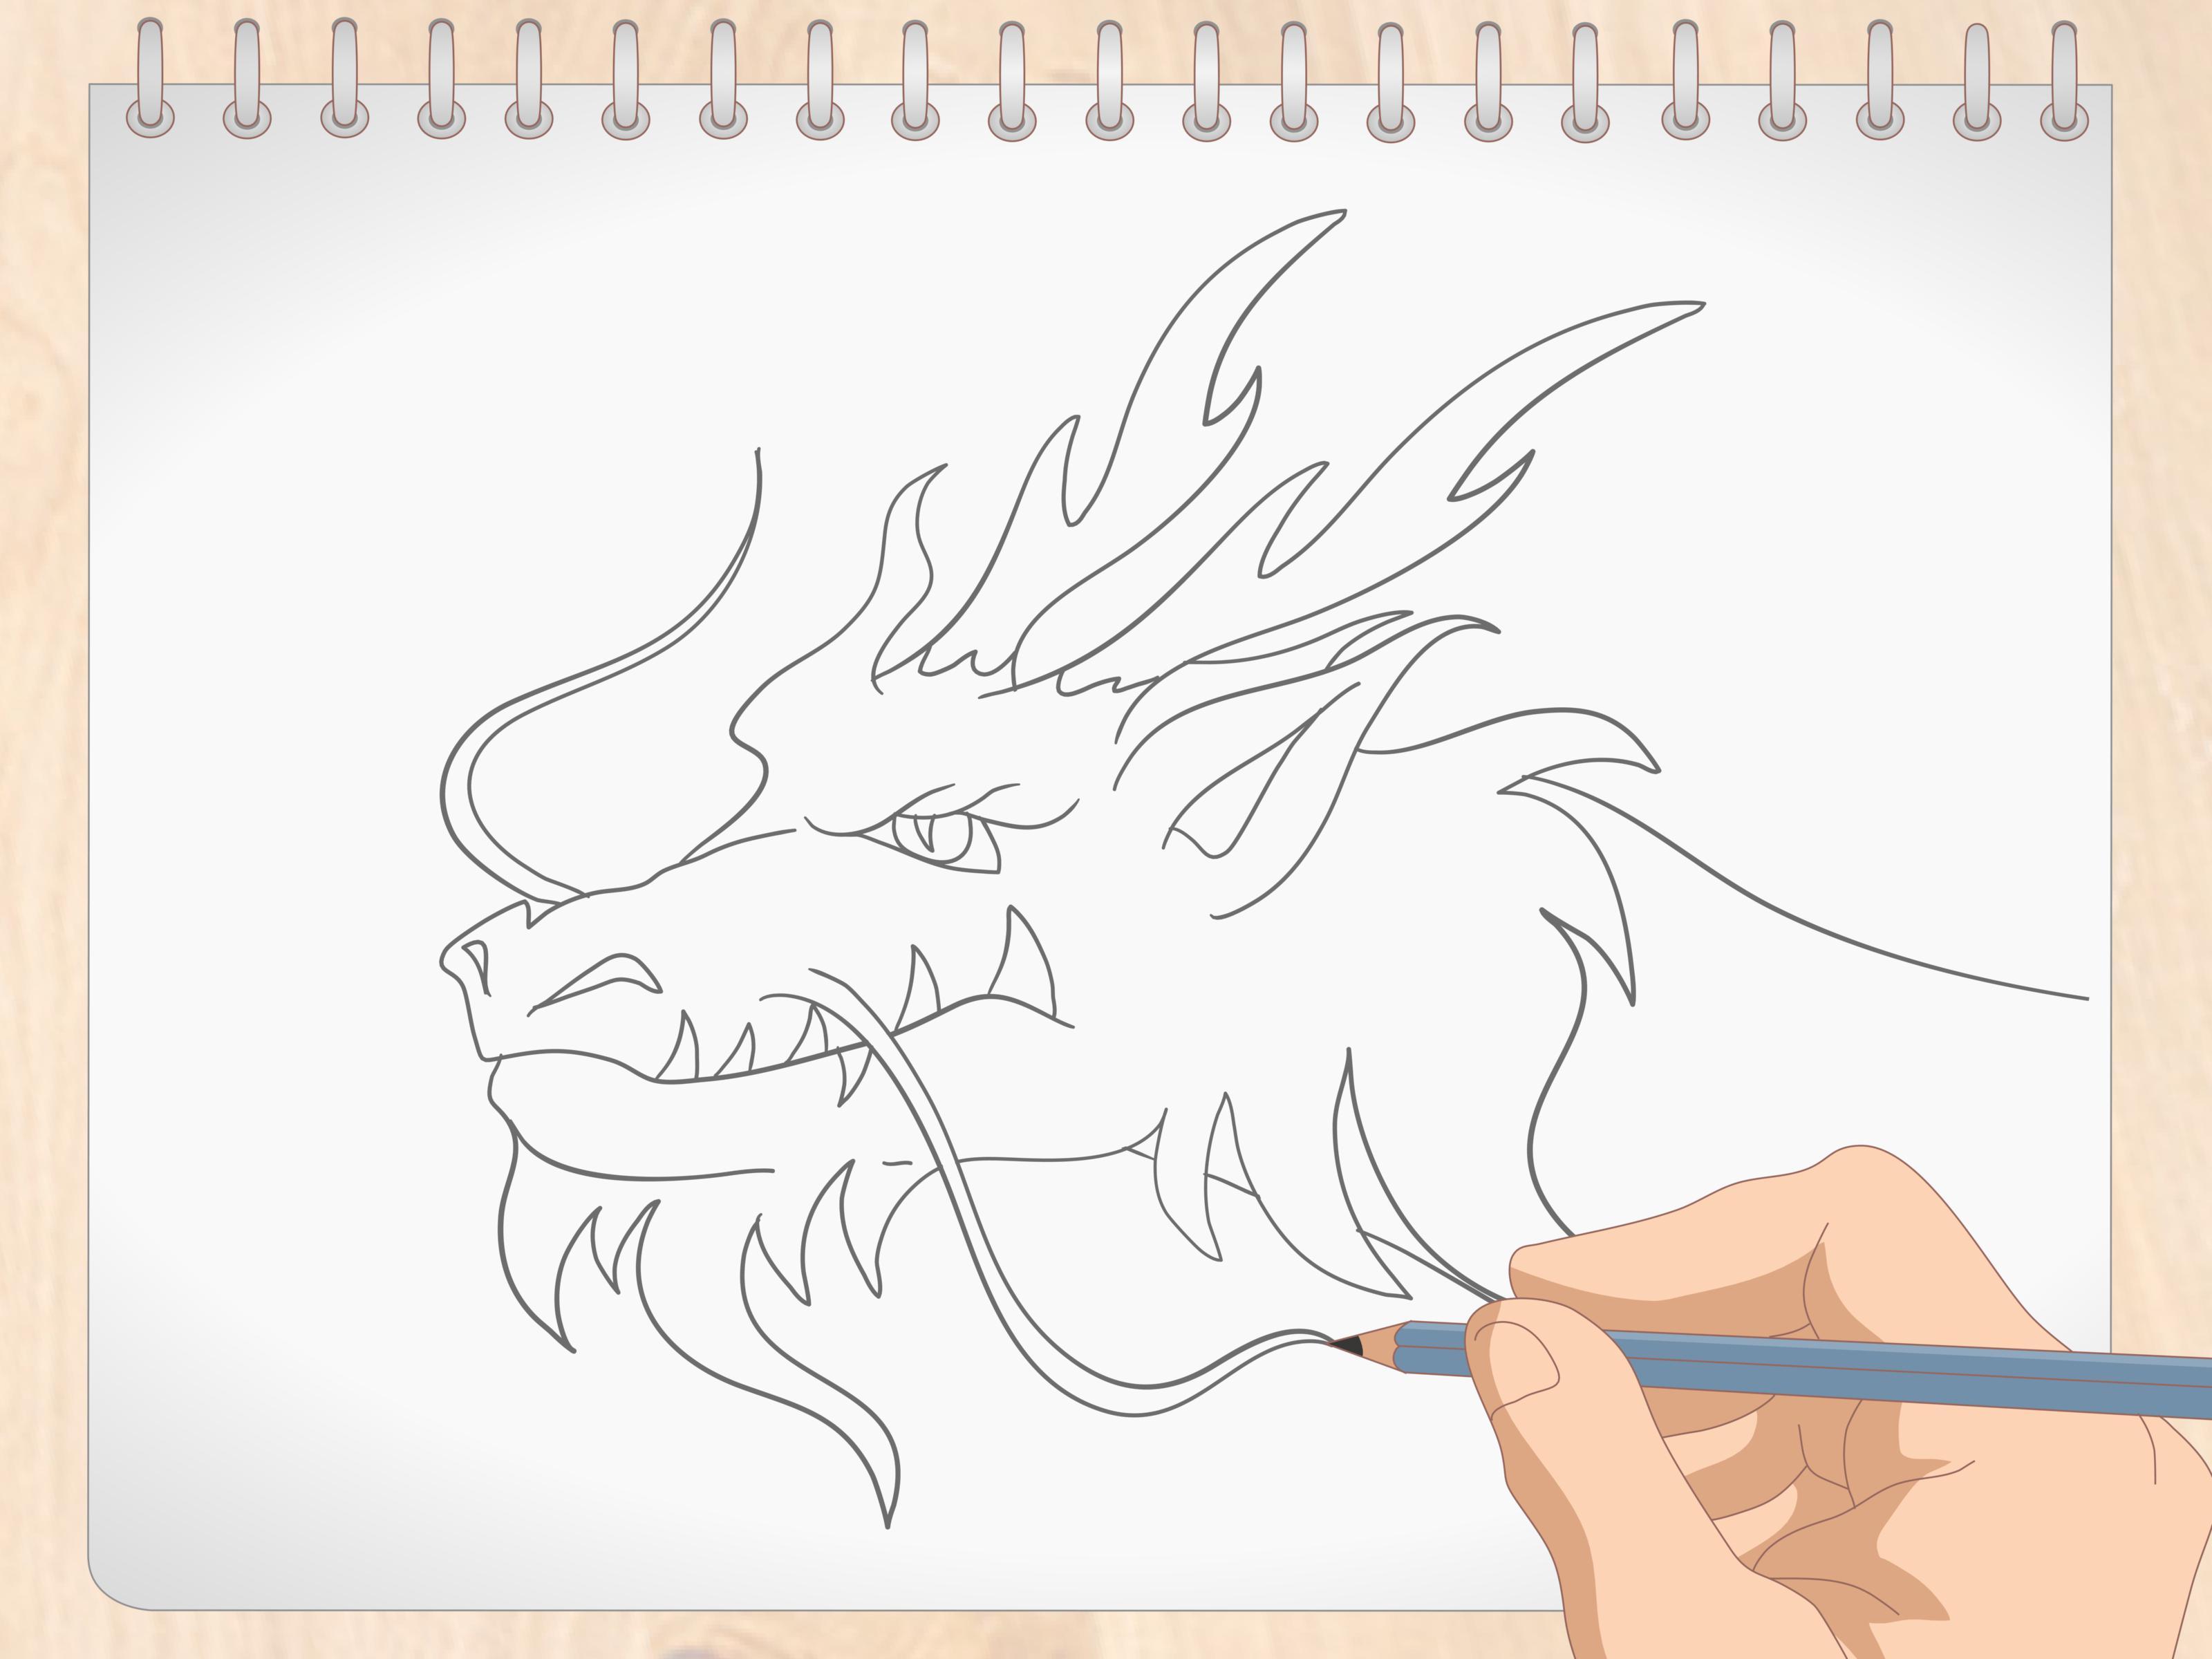 Comment Dessiner Une Tete De Dragon Avec Images